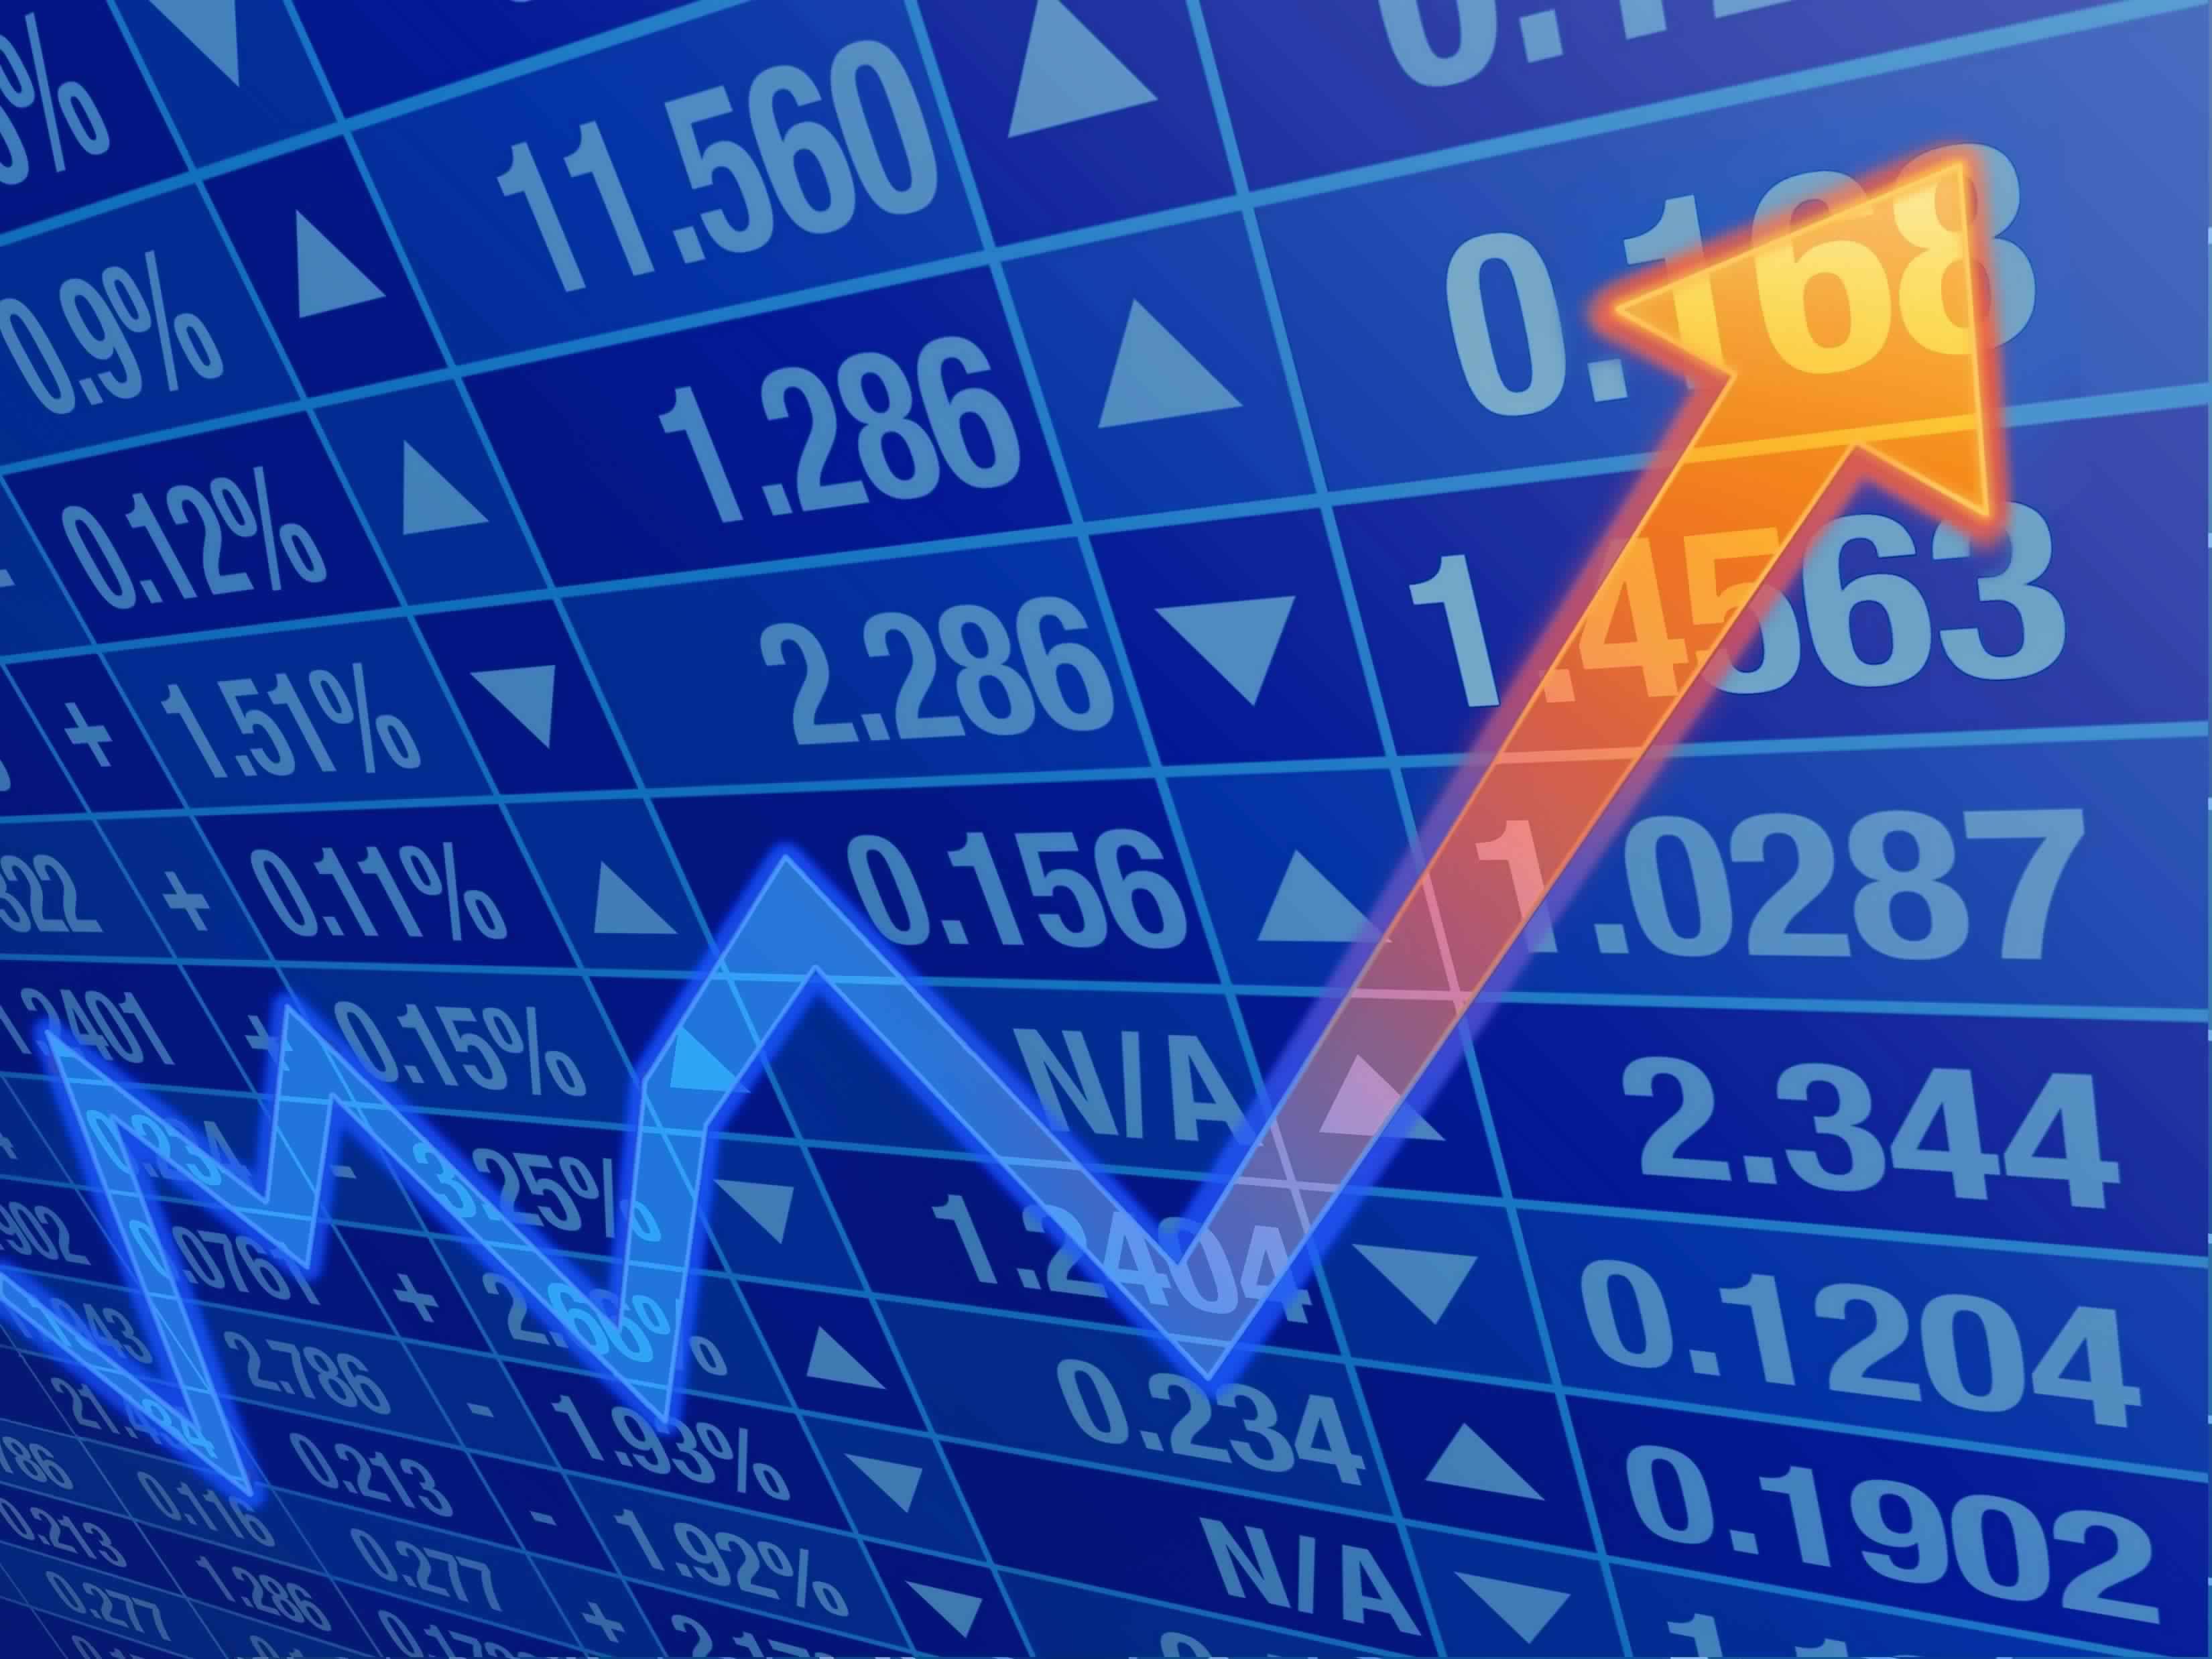 الاسهم الاوروبية ترتفع مدعومة بارباح الشركات